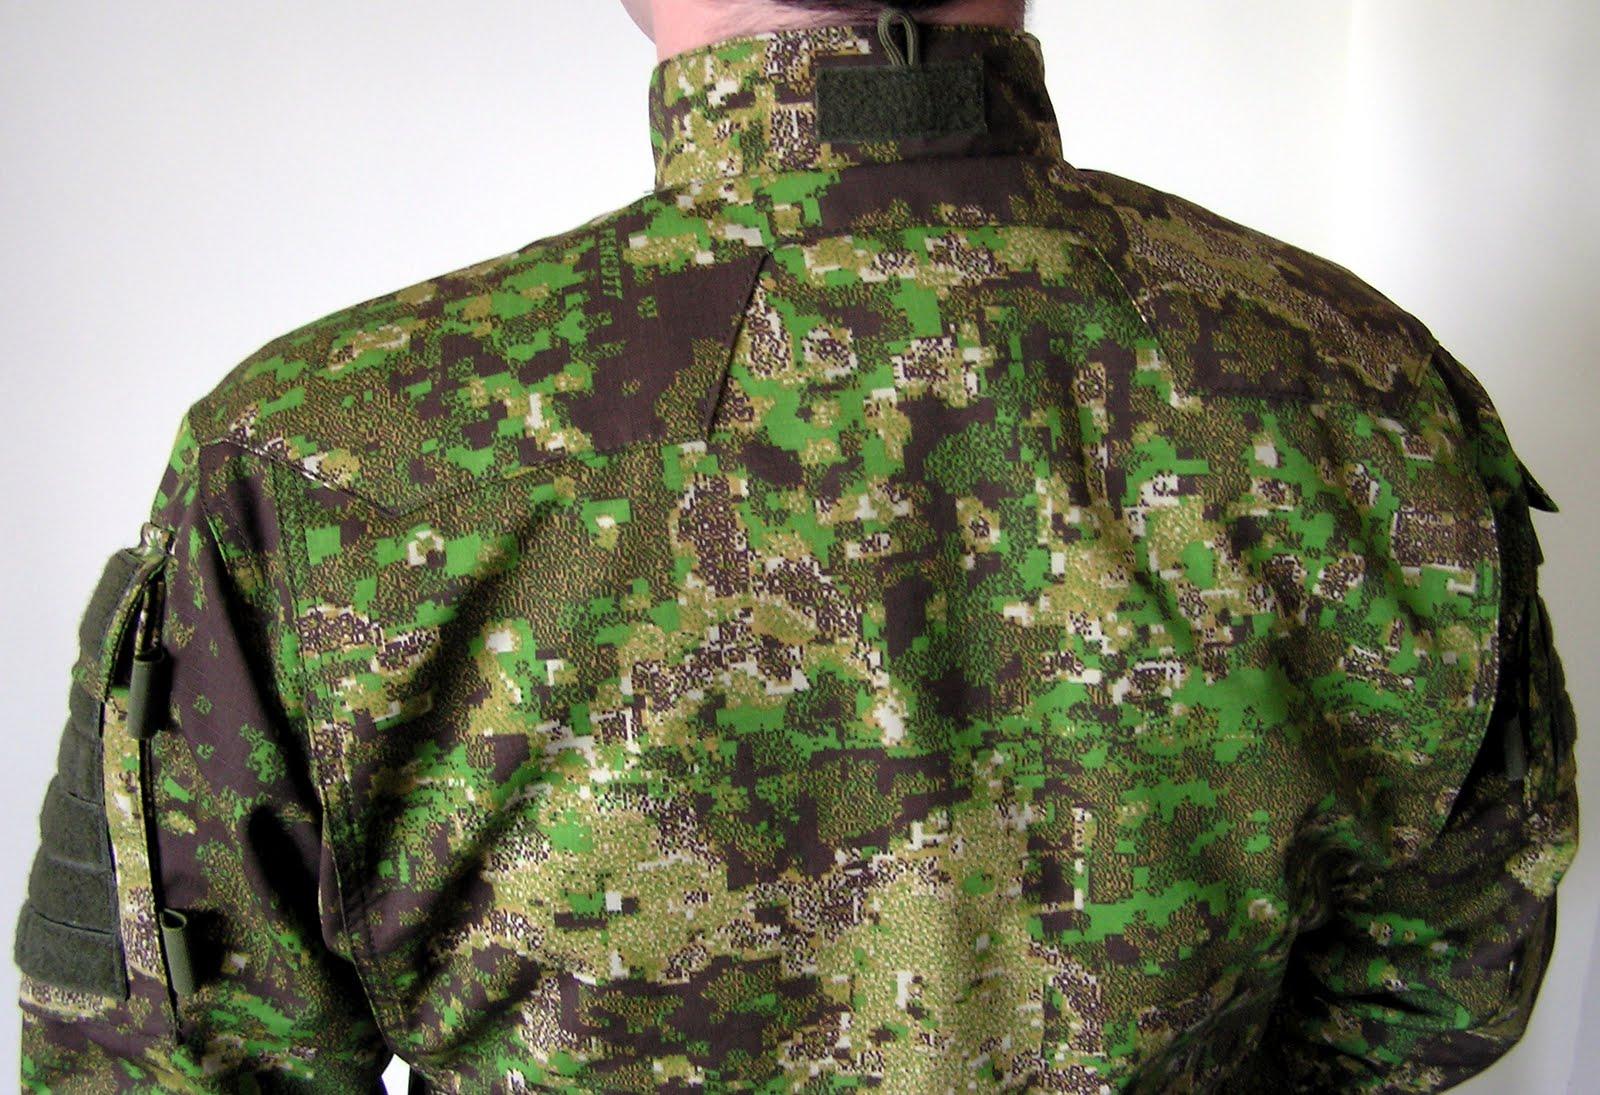 Camos norteamericanos: actuales y los próximos - Página 2 SPECOPS+PenCott+Camouflage